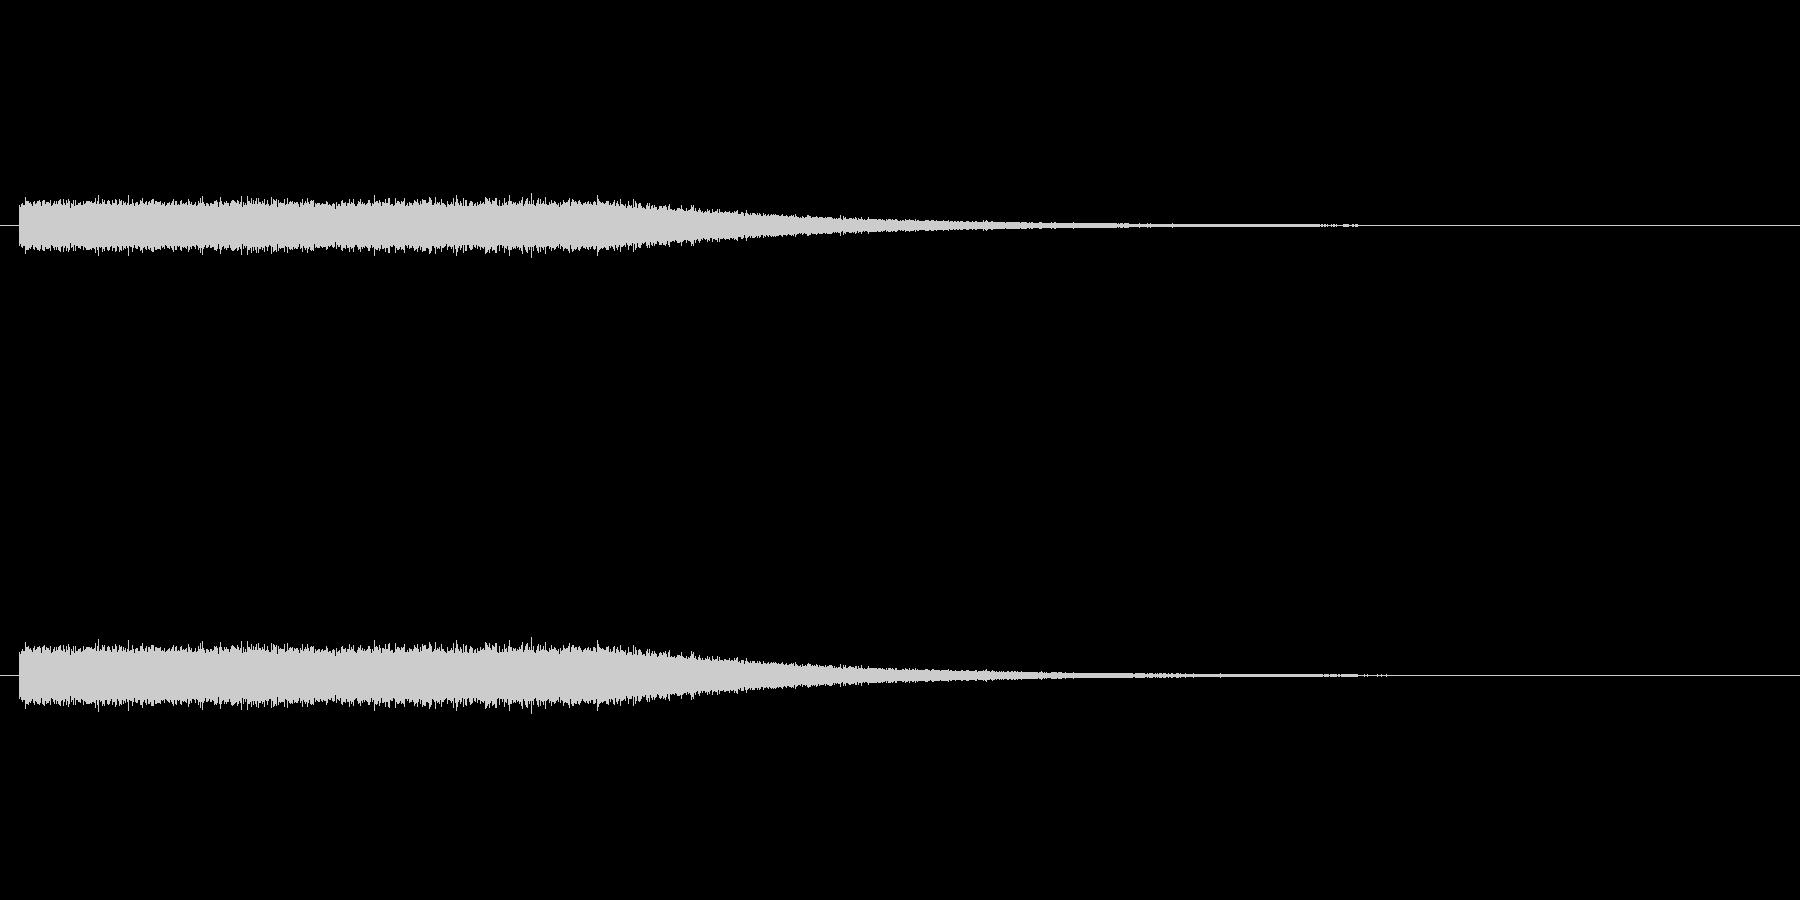 ザーザー降りの雨の音の未再生の波形